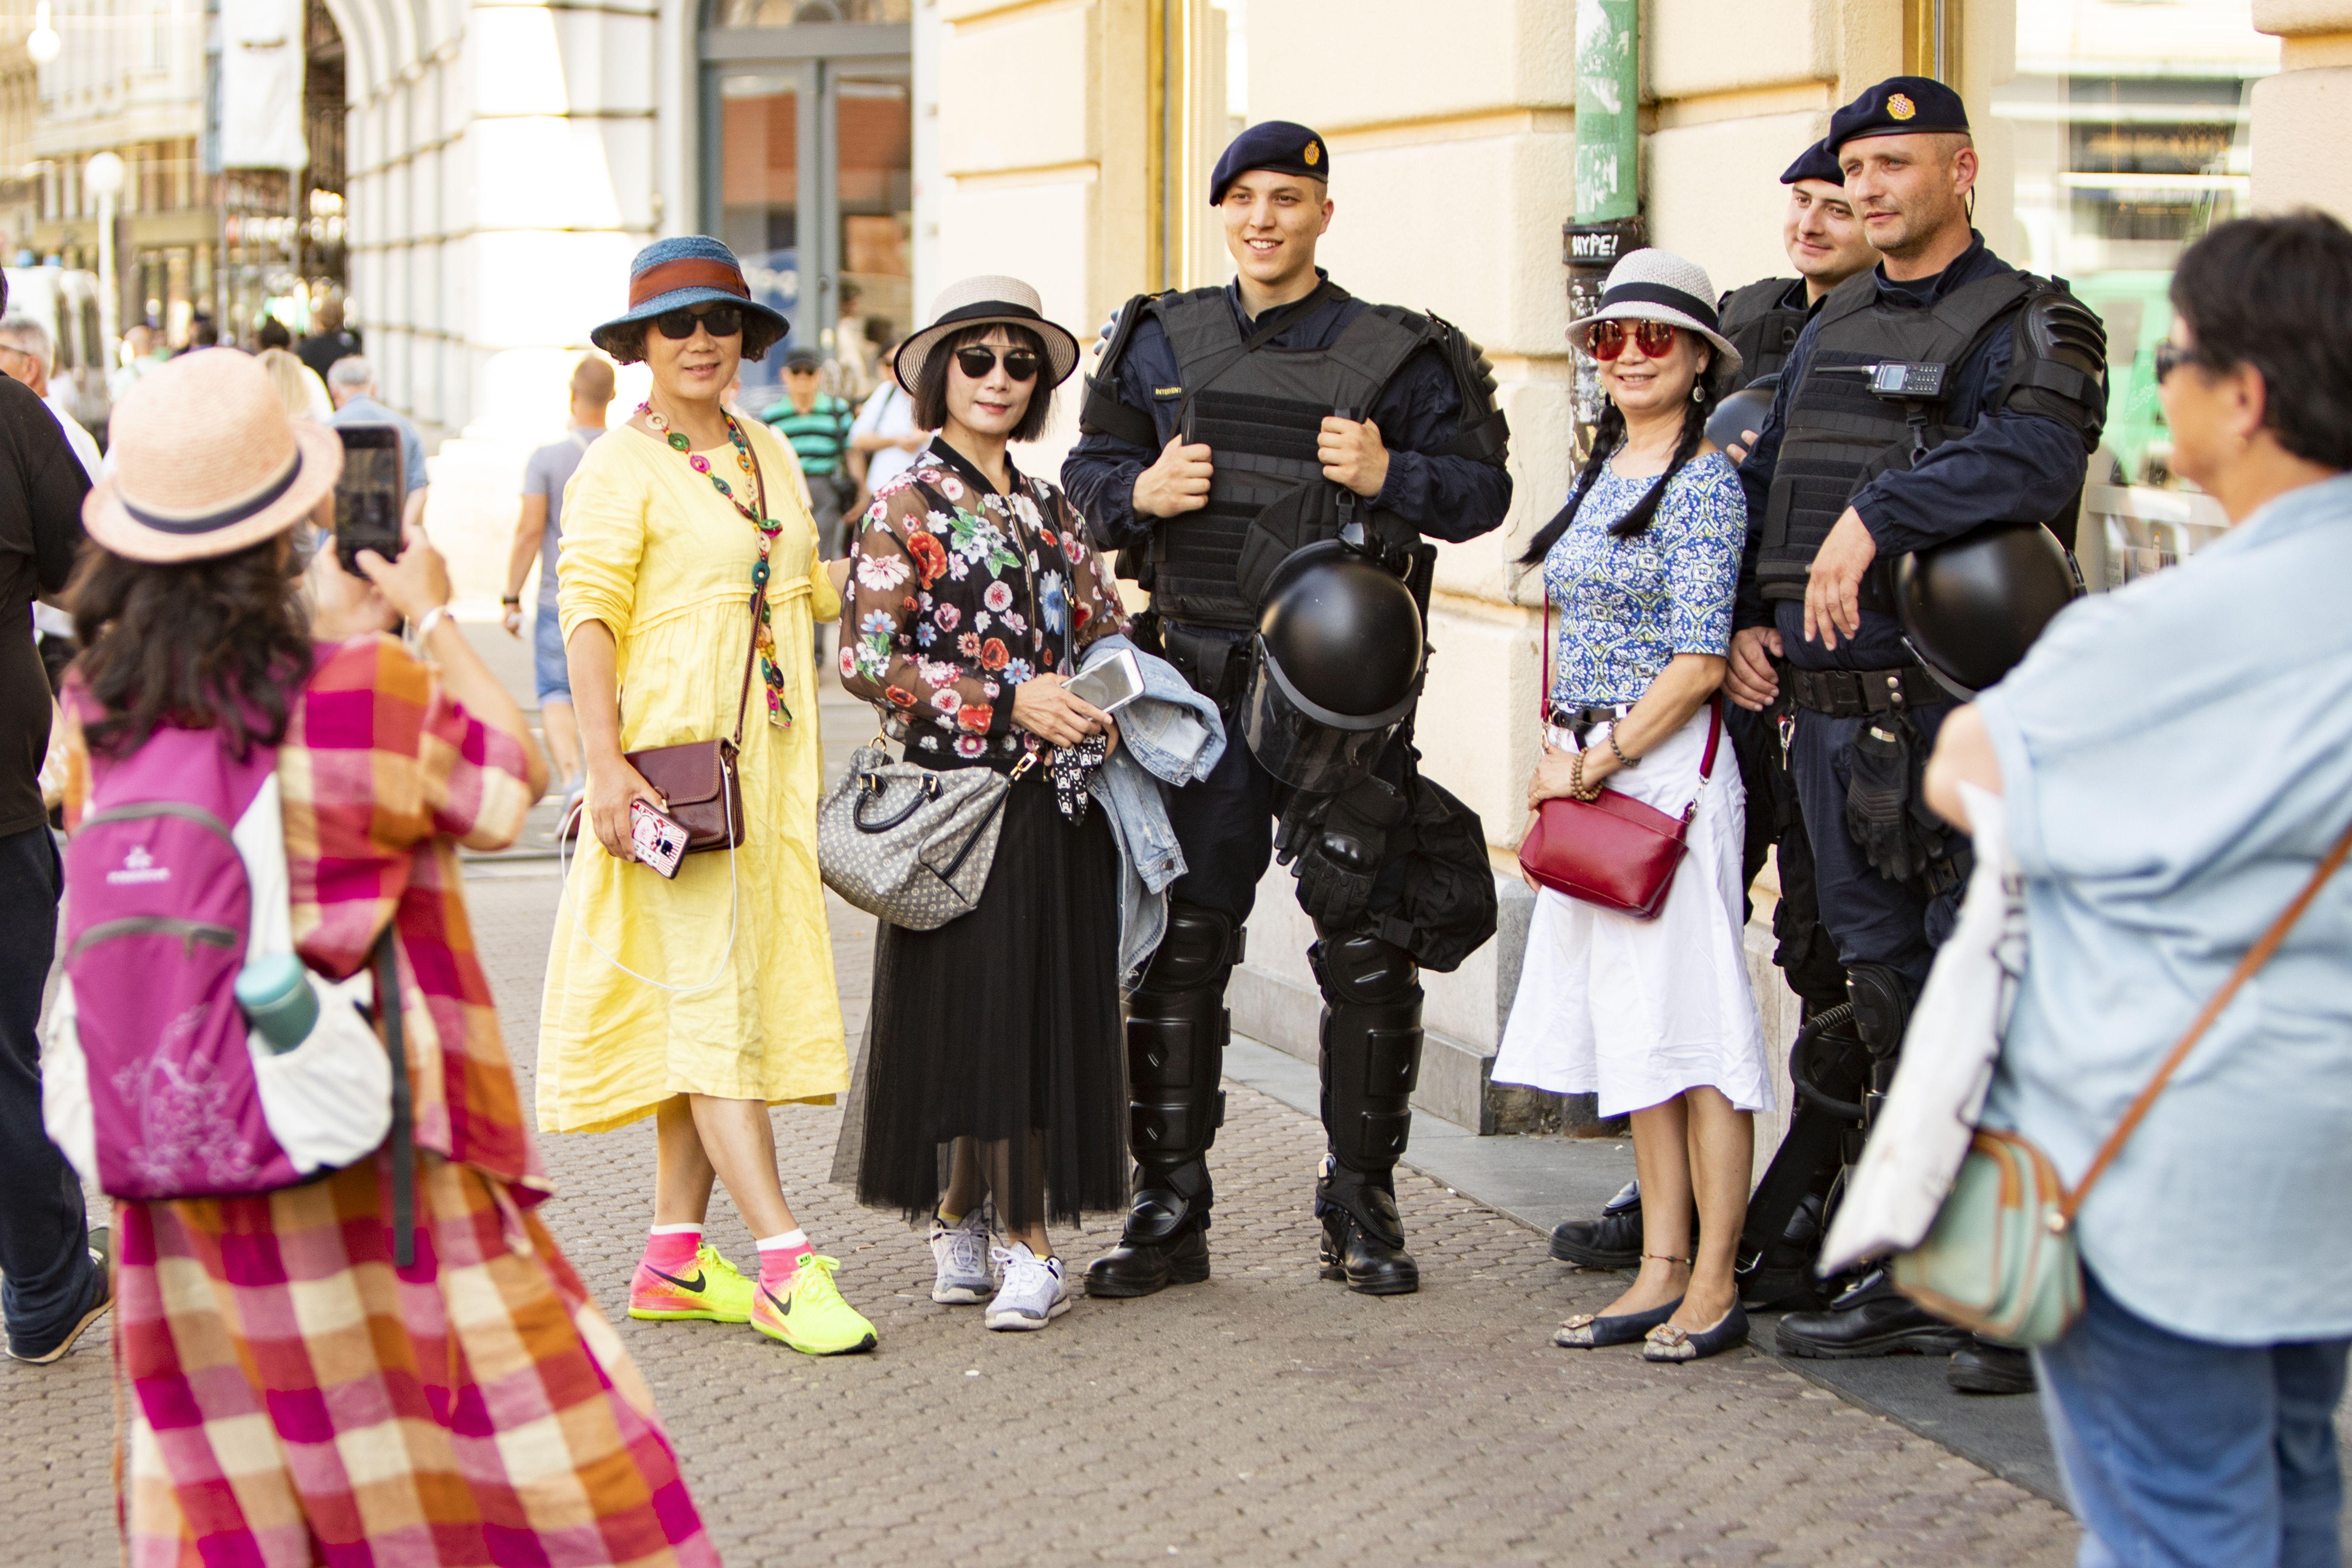 Malo drukčiji street style: Interventna policija spremno se fotografirala s turistkinjama u centru Zagreba